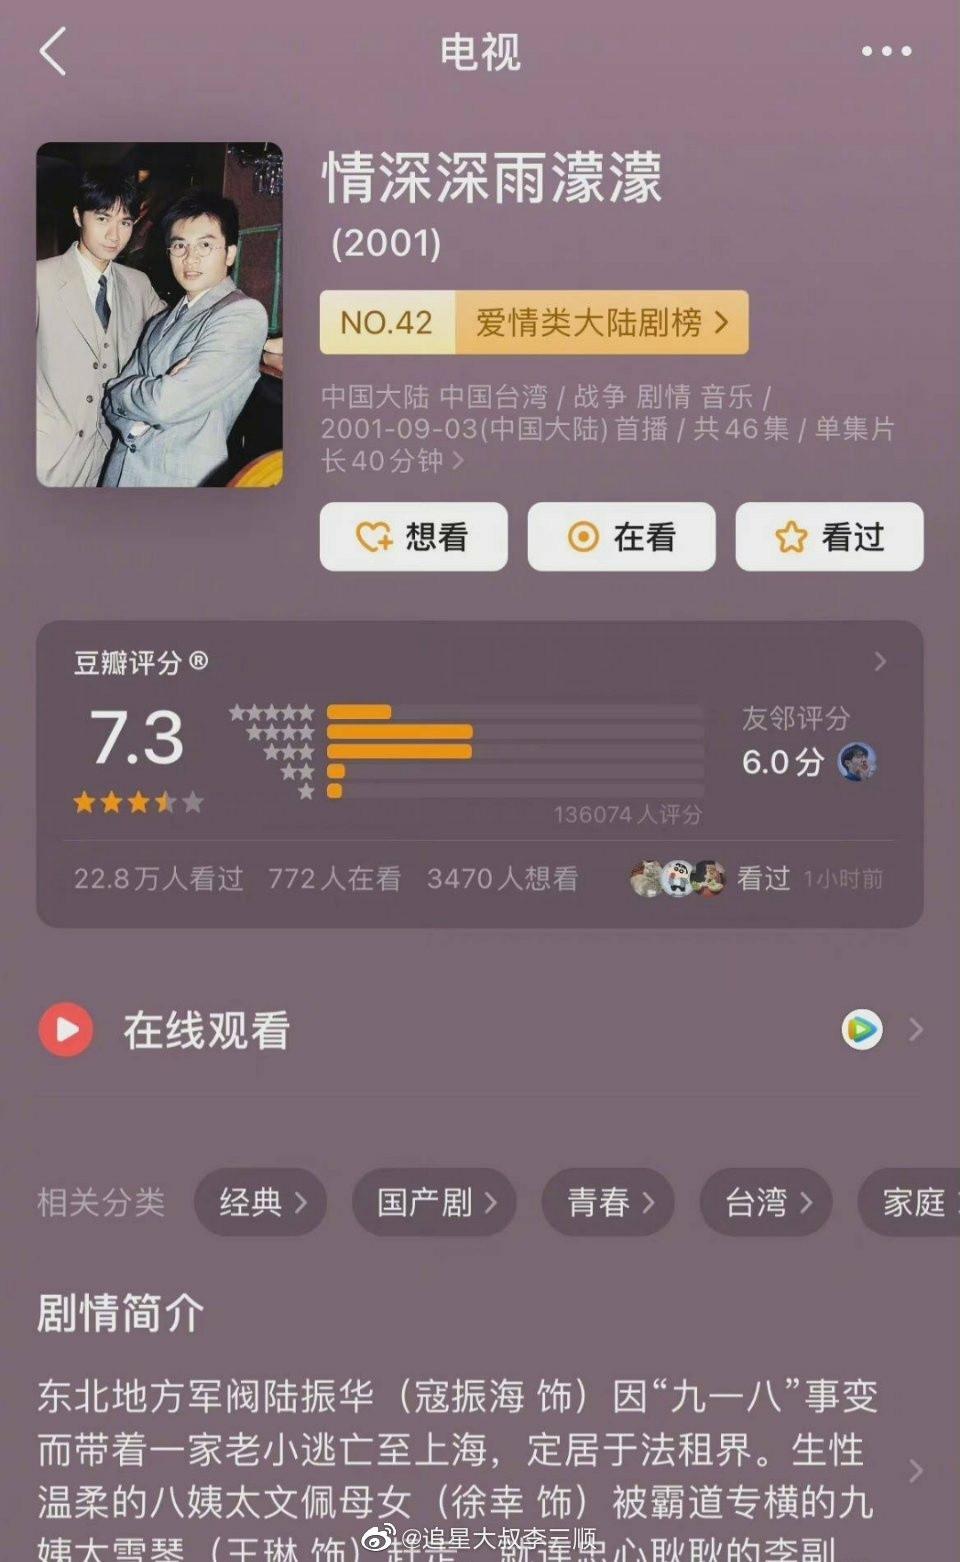 'Tân dòng sông ly biệt' bỗng dưng biến thành phim 'đam mỹ' vì Triệu Vy bị 'phong sát'?